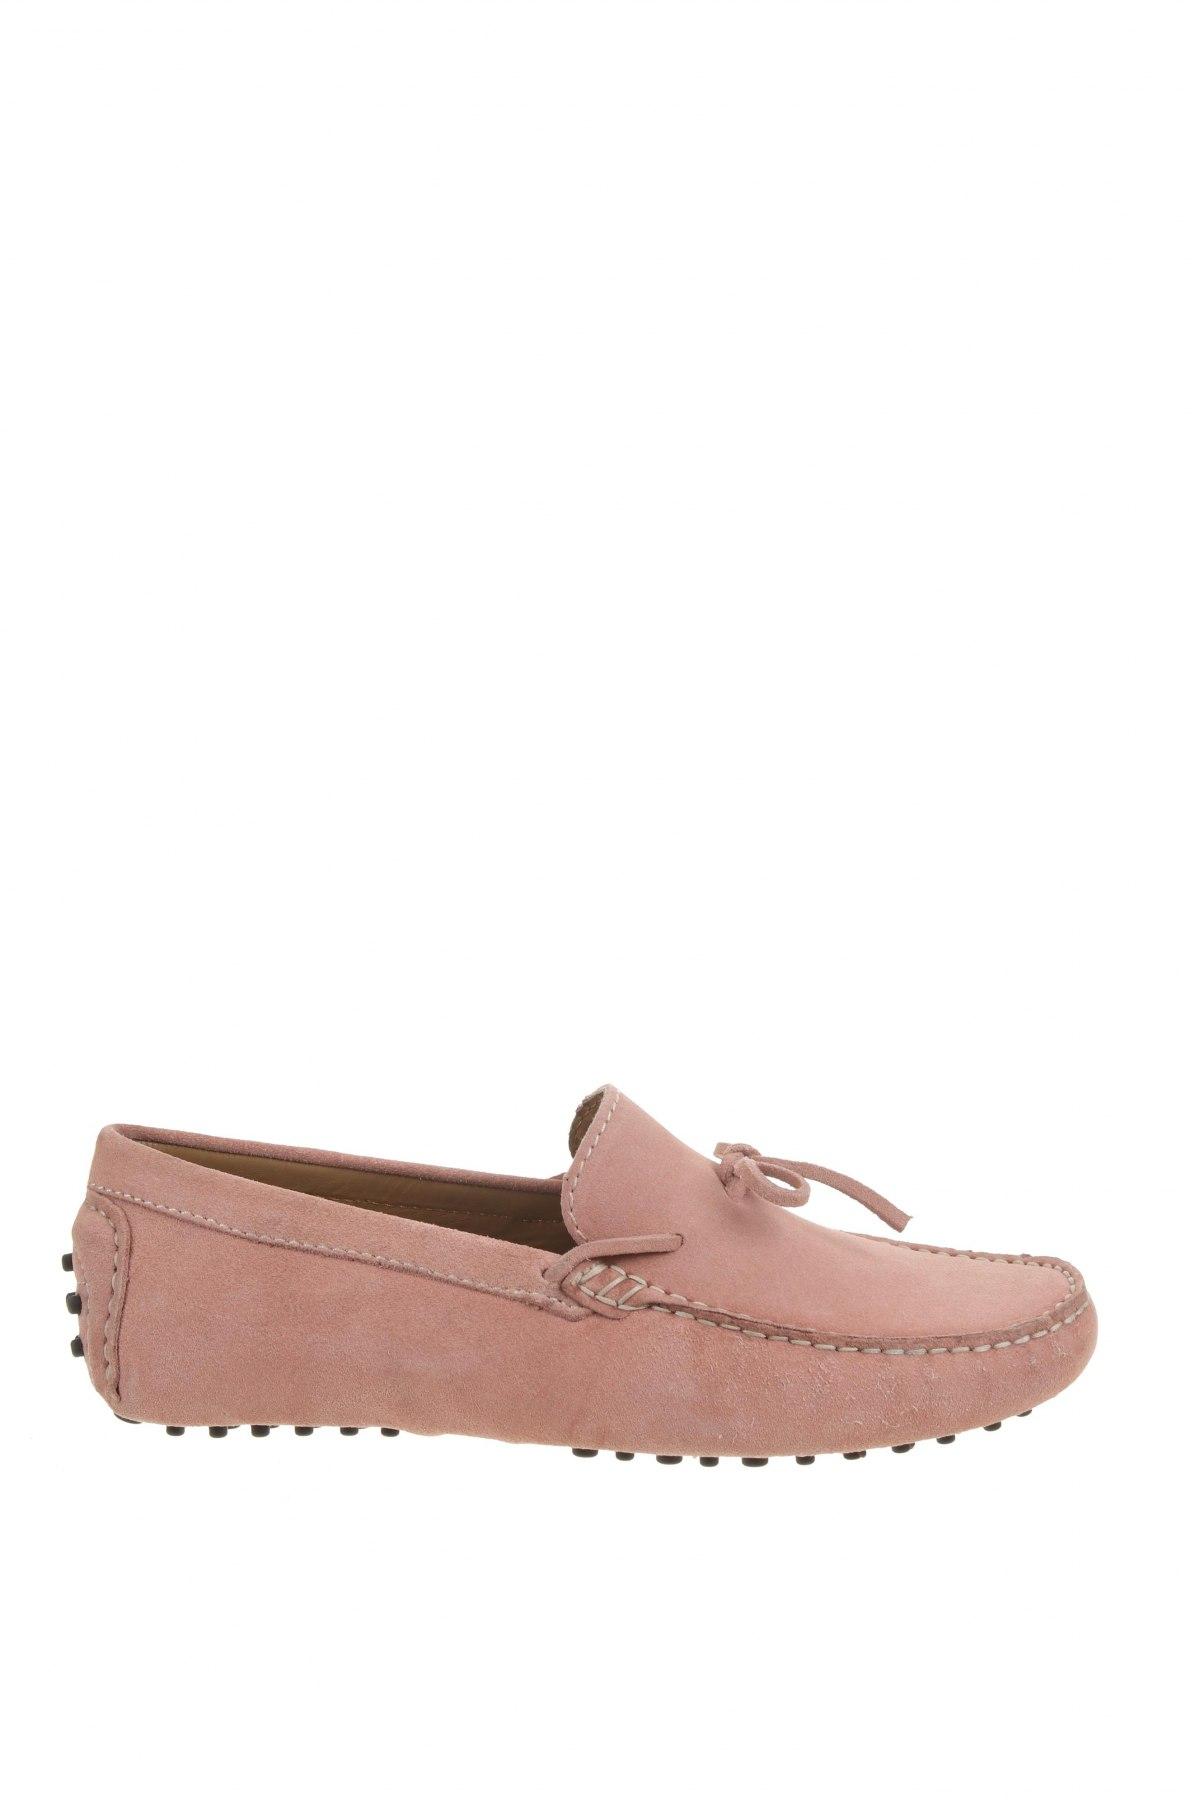 Ανδρικά παπούτσια John Scott, Μέγεθος 42, Χρώμα Ρόζ , Φυσικό σουέτ, Τιμή 20,96€